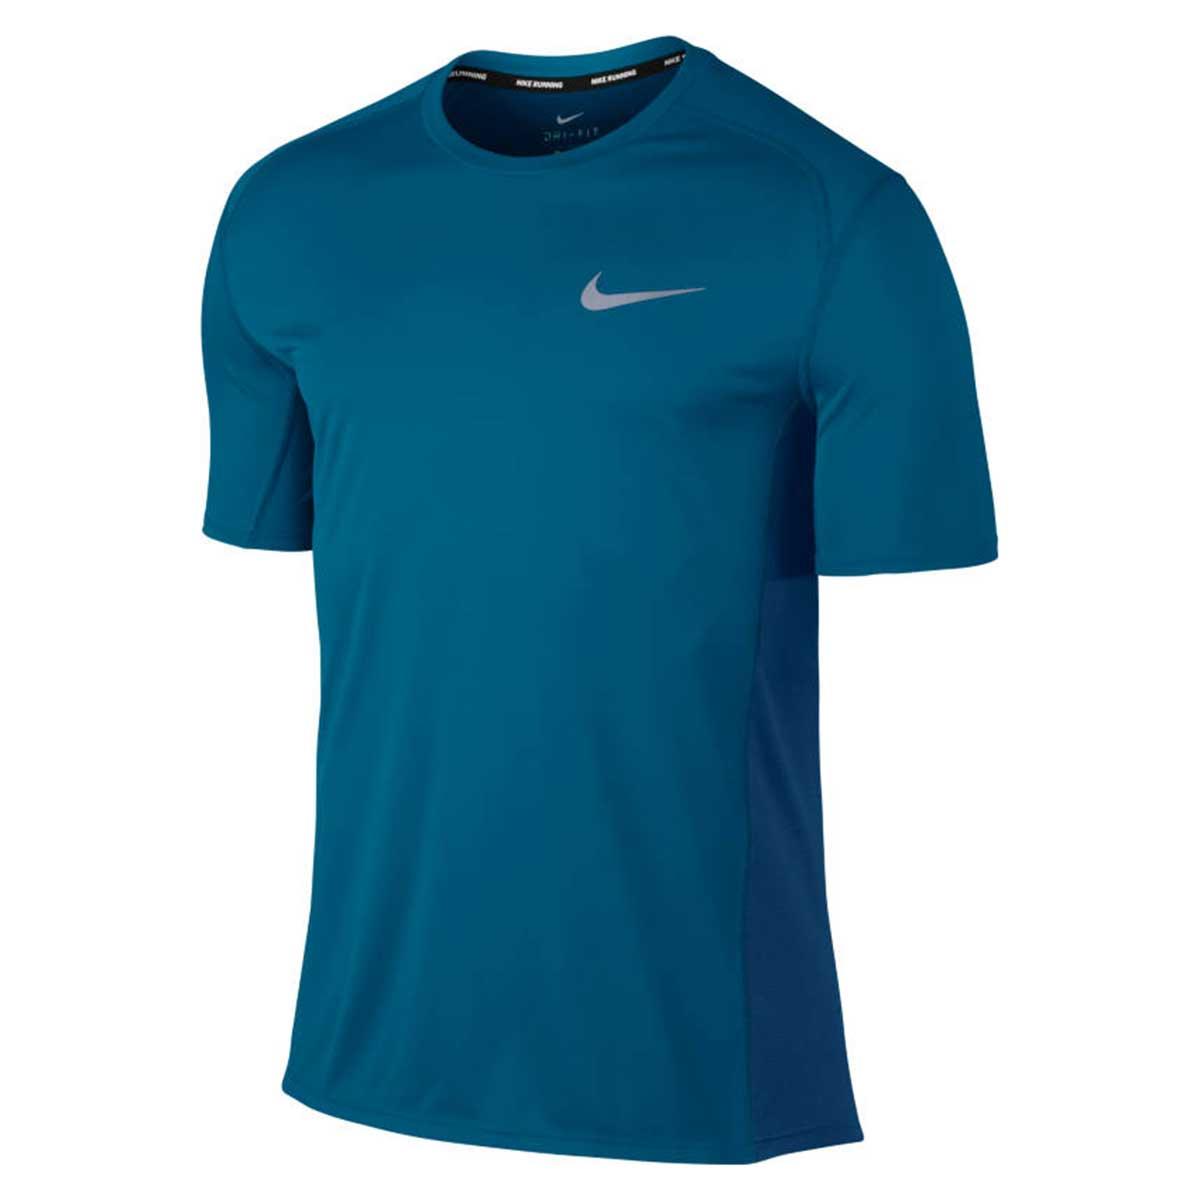 Buy Nike Dry Miller Dri Fit Running T Shirt Blue Online